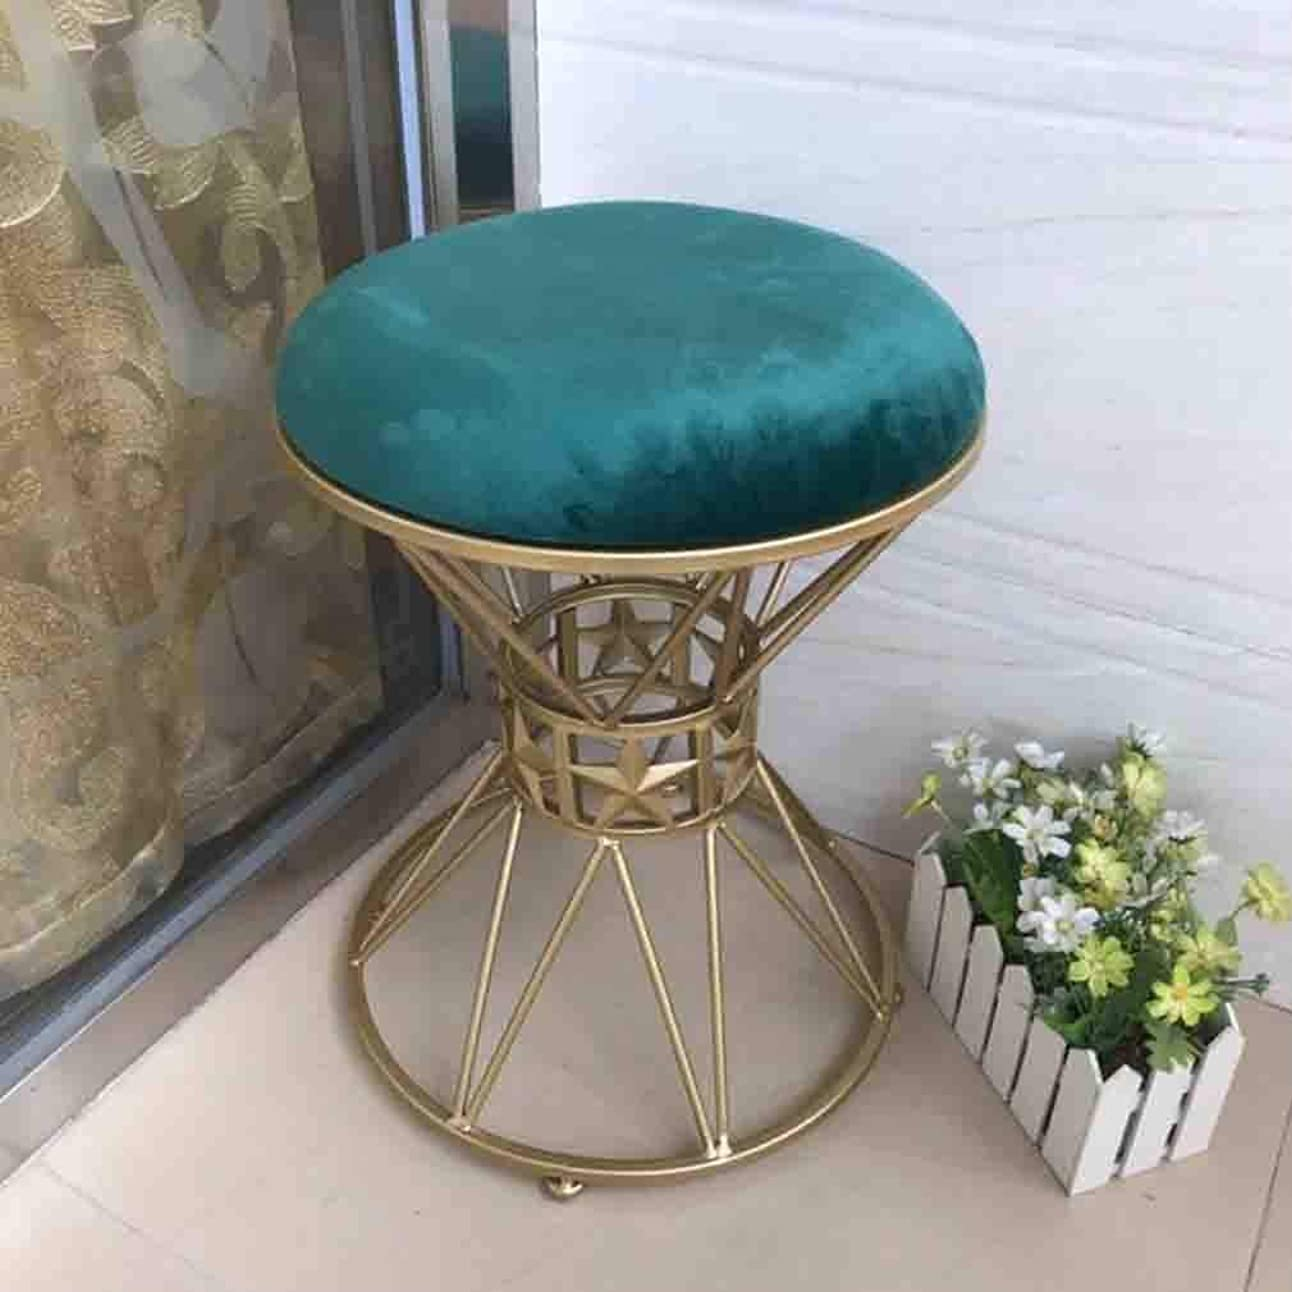 バレルディスコ毒STAR-LIFE化粧スツールメタルラウンドドレッシングテーブルスツール布張りフットスツール椅子シートベンチバニティベルベットスツール(色:緑)